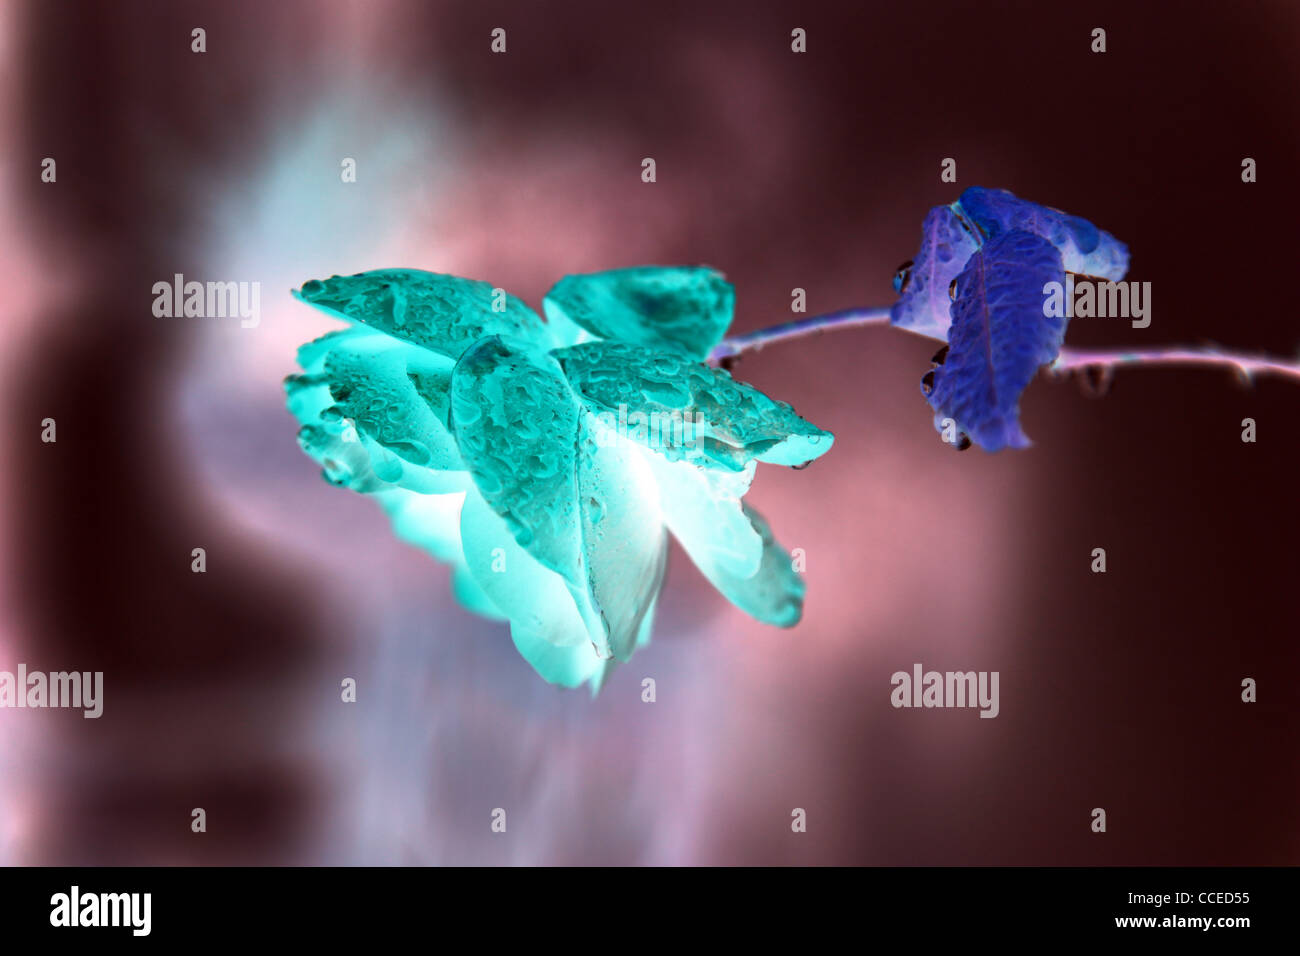 Stilleben,Rose,Blume,digital,blau,rose,lila,grün,Beleuchtung,Tau,Regen,positiv,negativ,Tautropfen,Regentropfen,Kunst,art,Blume - Stock Image